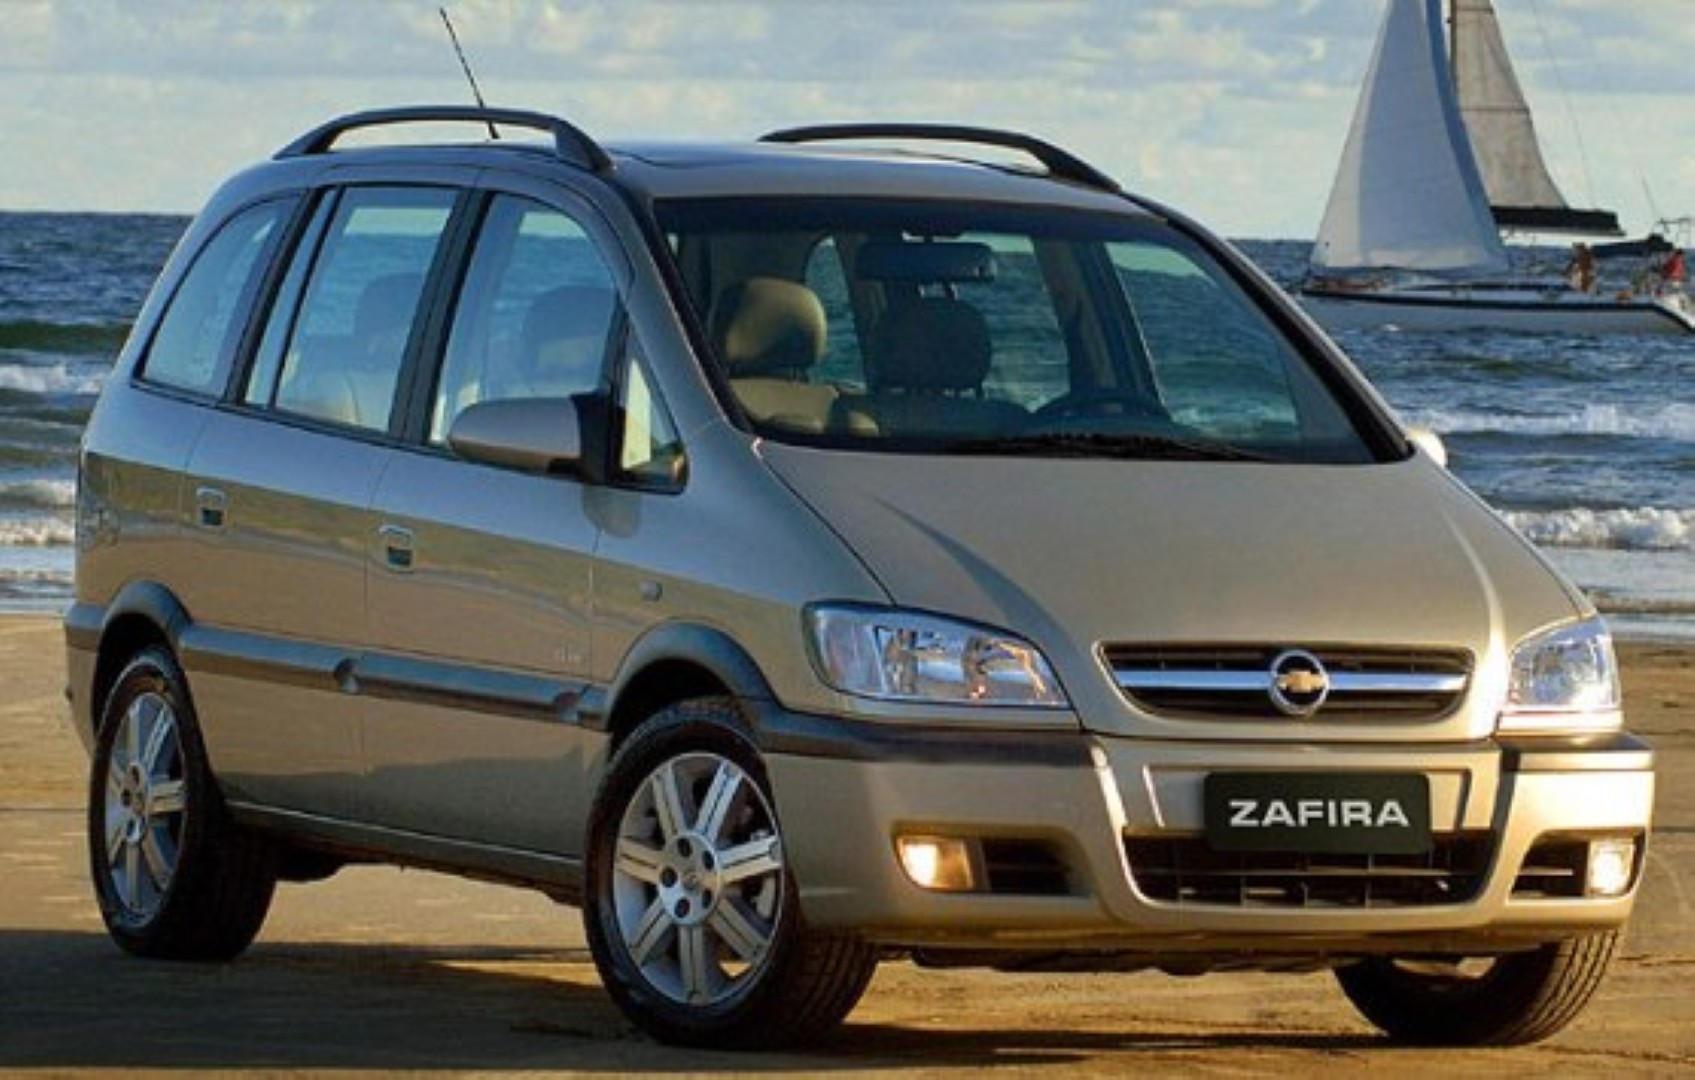 Chevrolet Zafira 2 0 8v 116 Hp Datos Tecnicos De Coches Poder